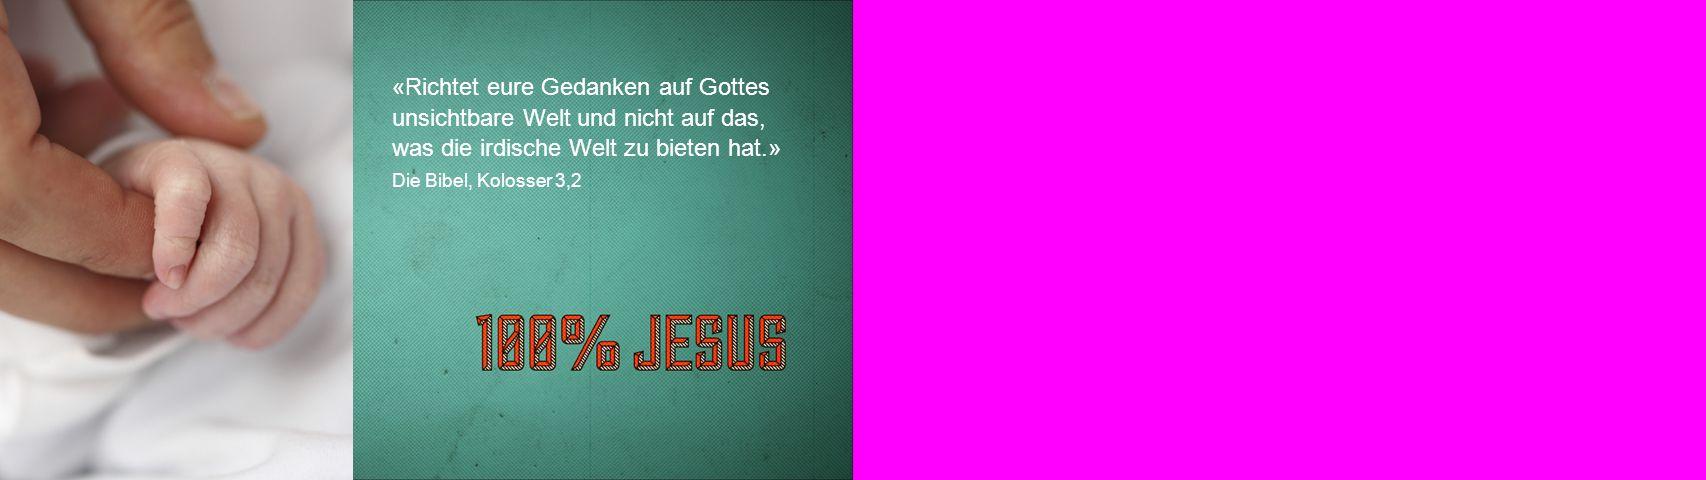 «Richtet eure Gedanken auf Gottes unsichtbare Welt und nicht auf das, was die irdische Welt zu bieten hat.» Die Bibel, Kolosser 3,2